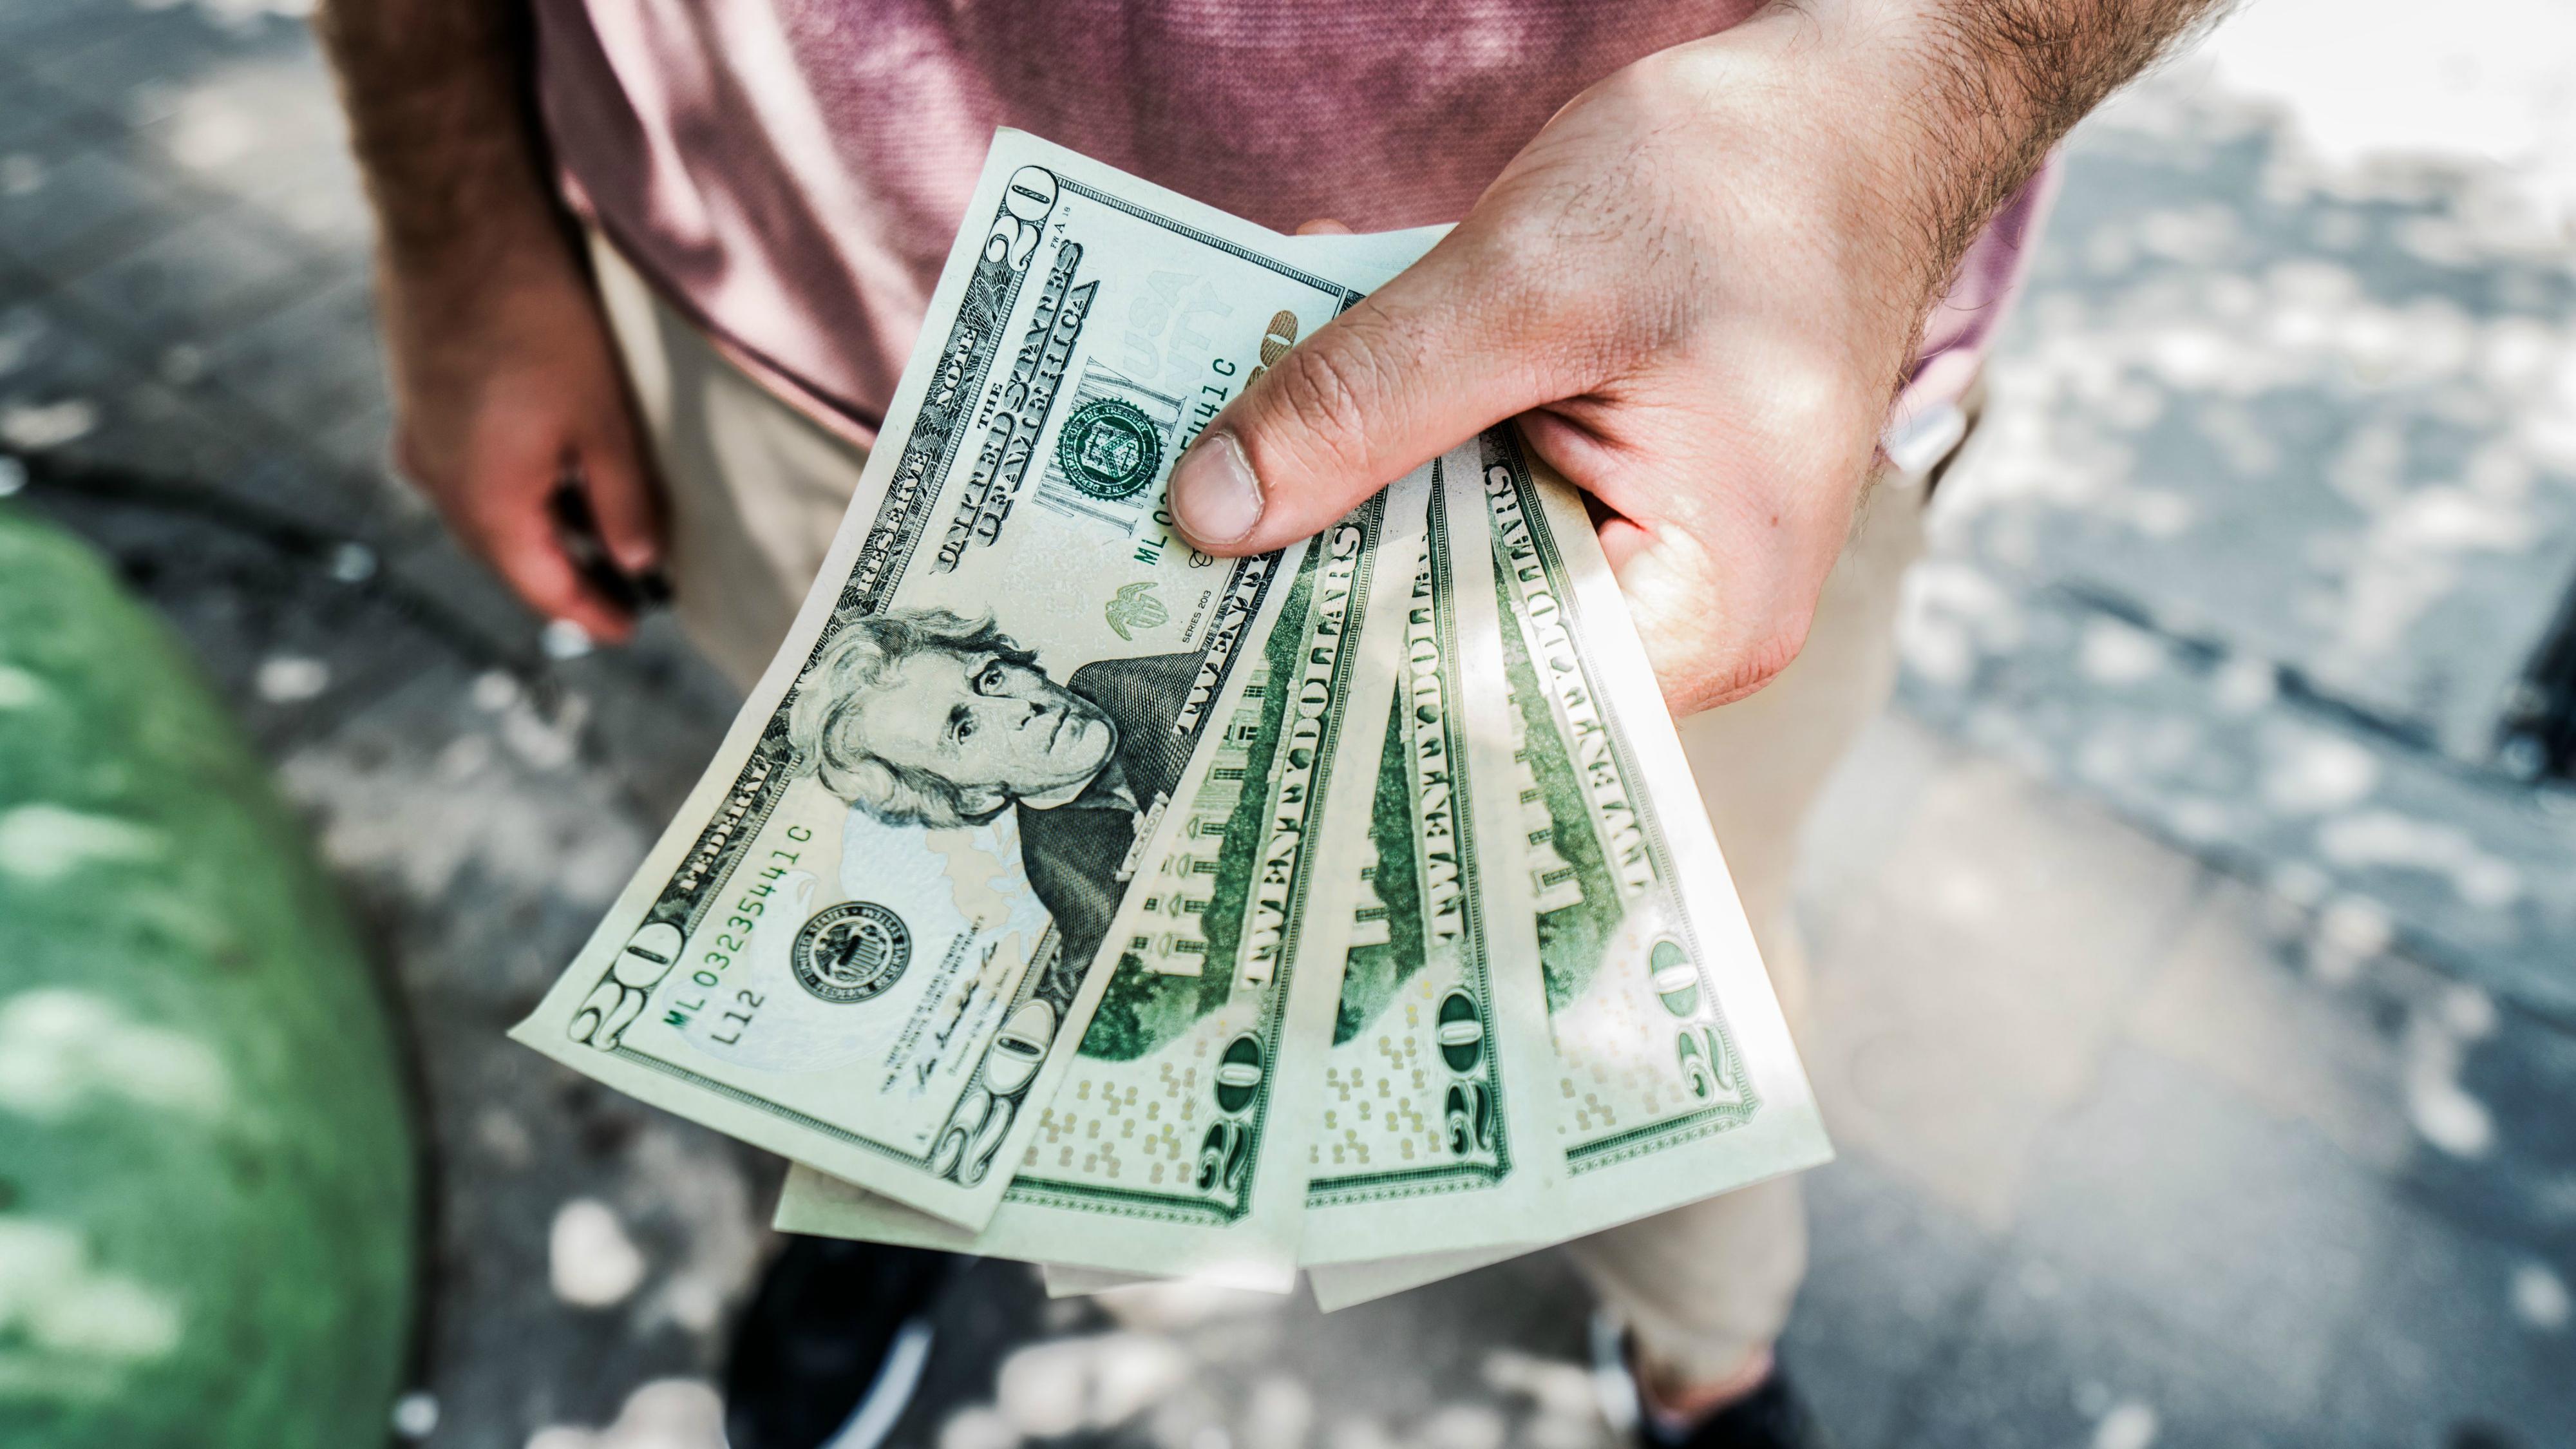 kā nopelnīt naudu internetā invalīdam